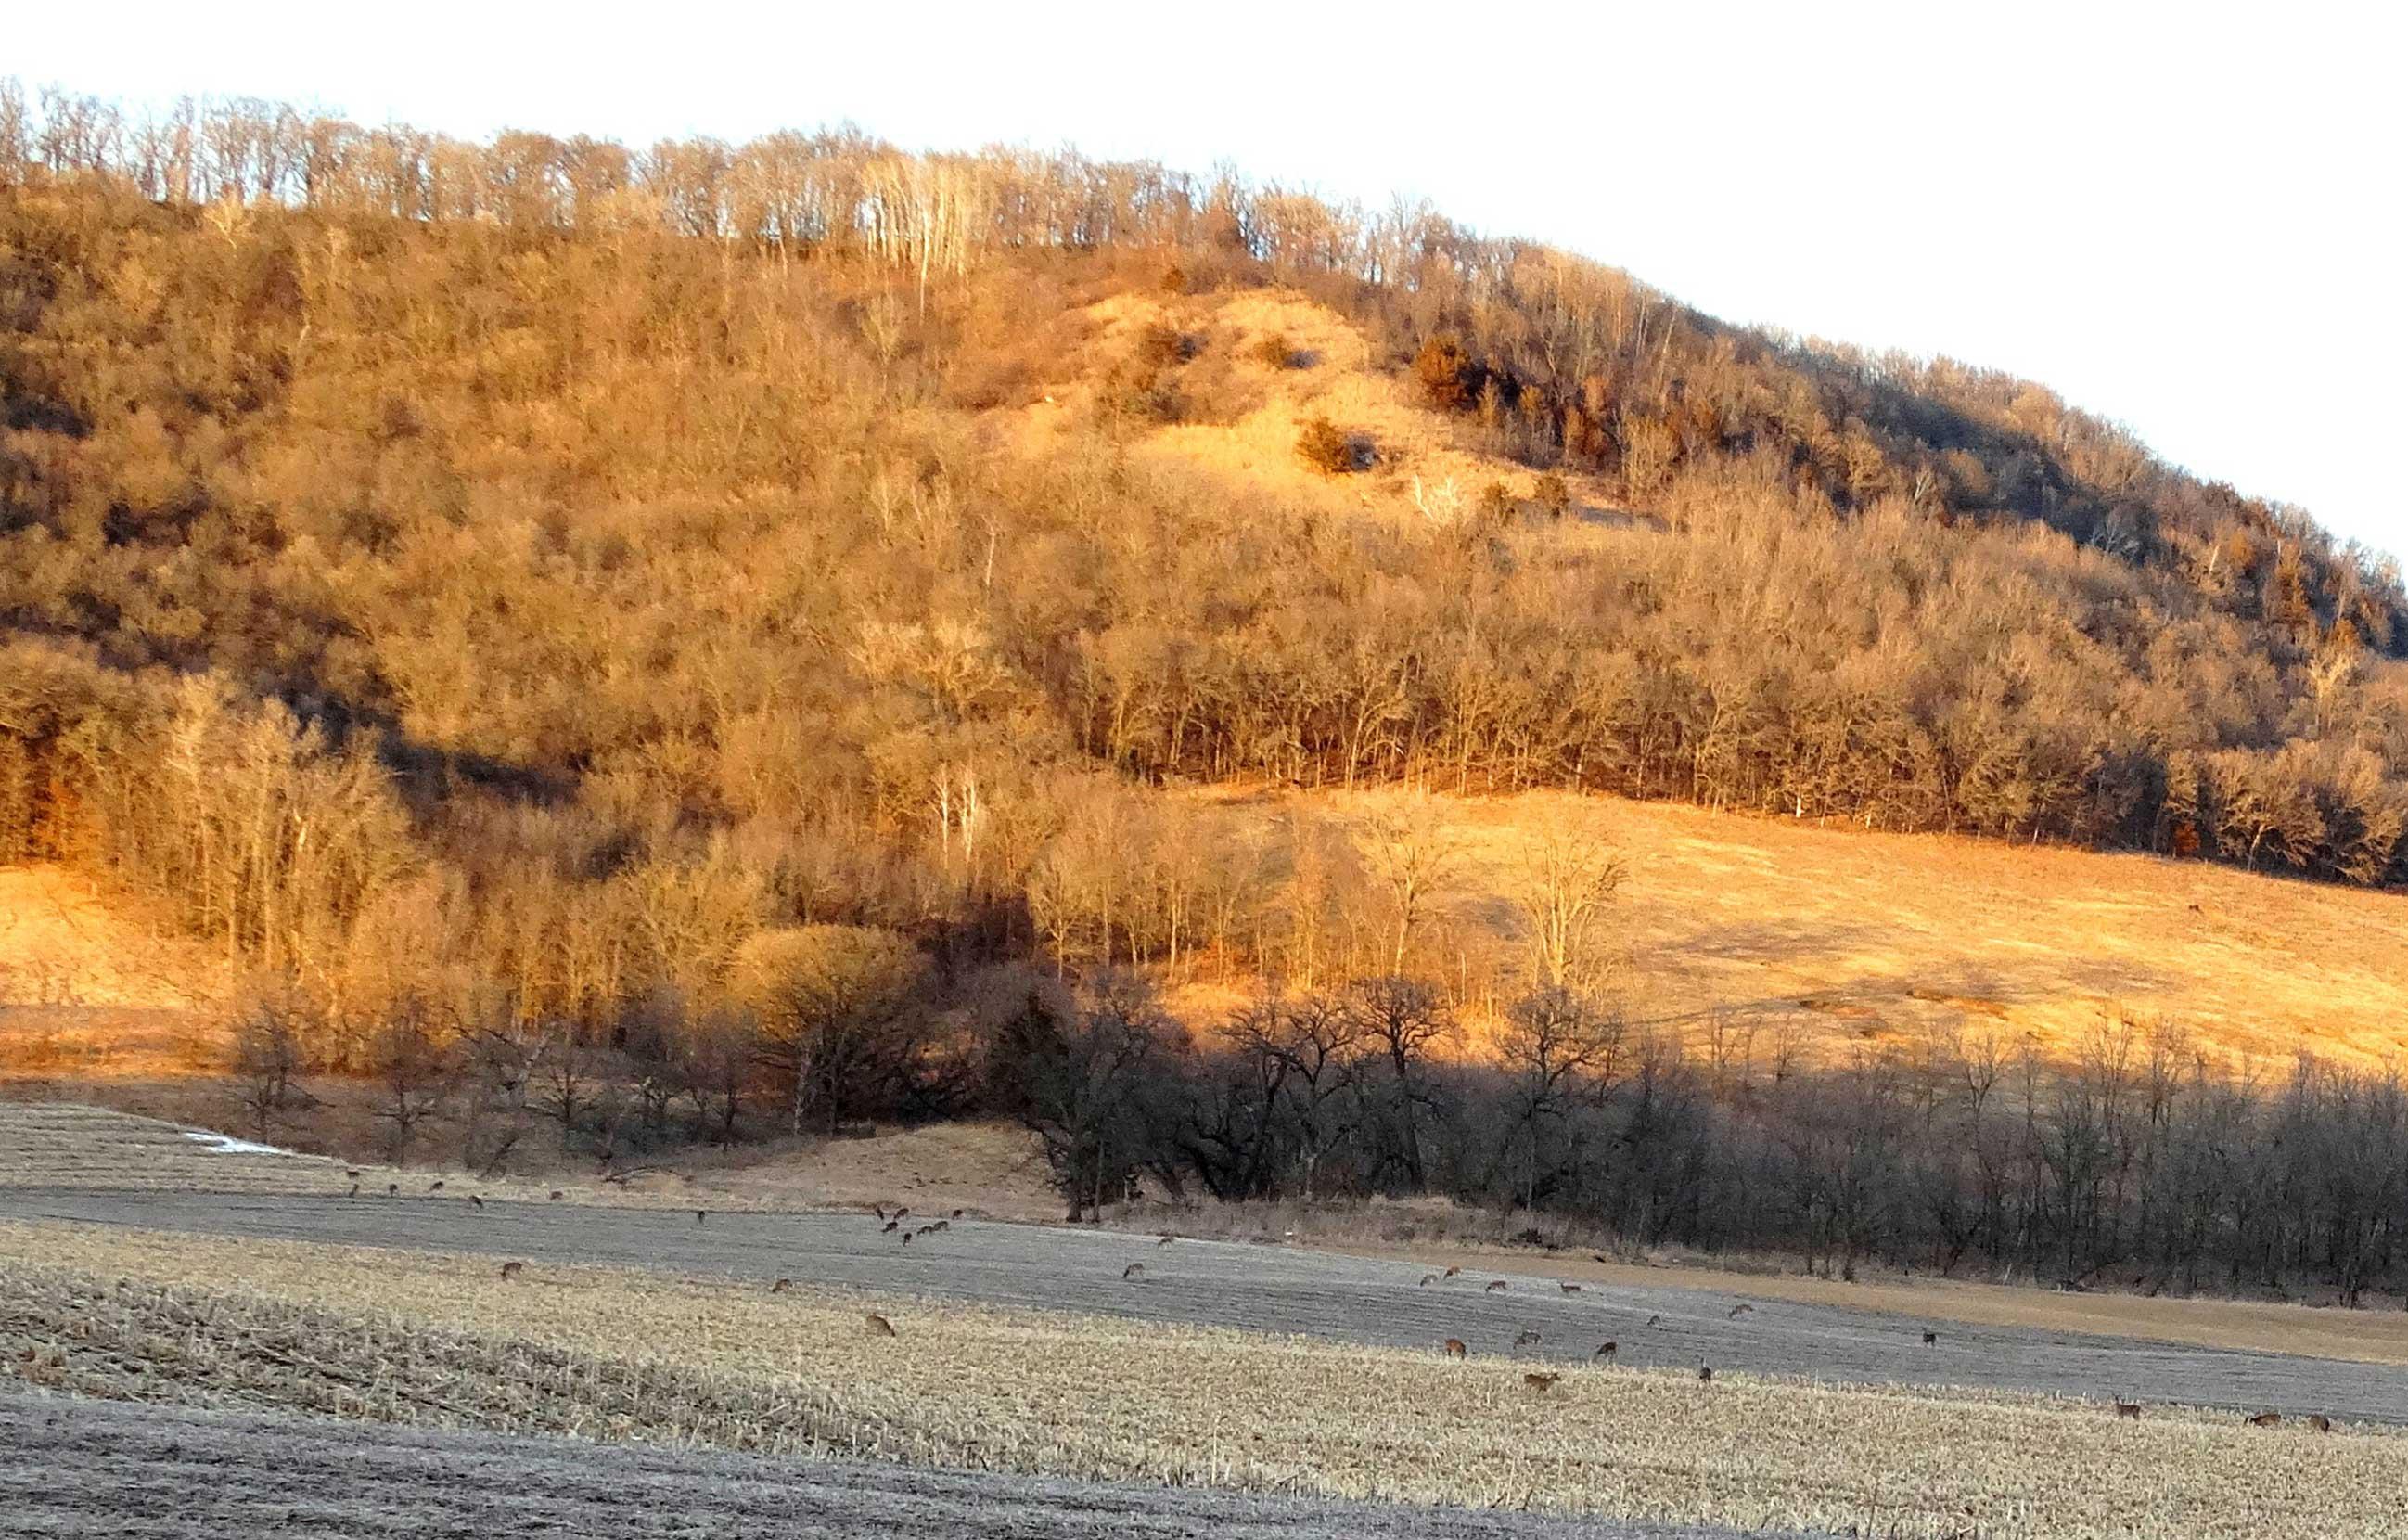 Deer in a field in southeast Minnesota